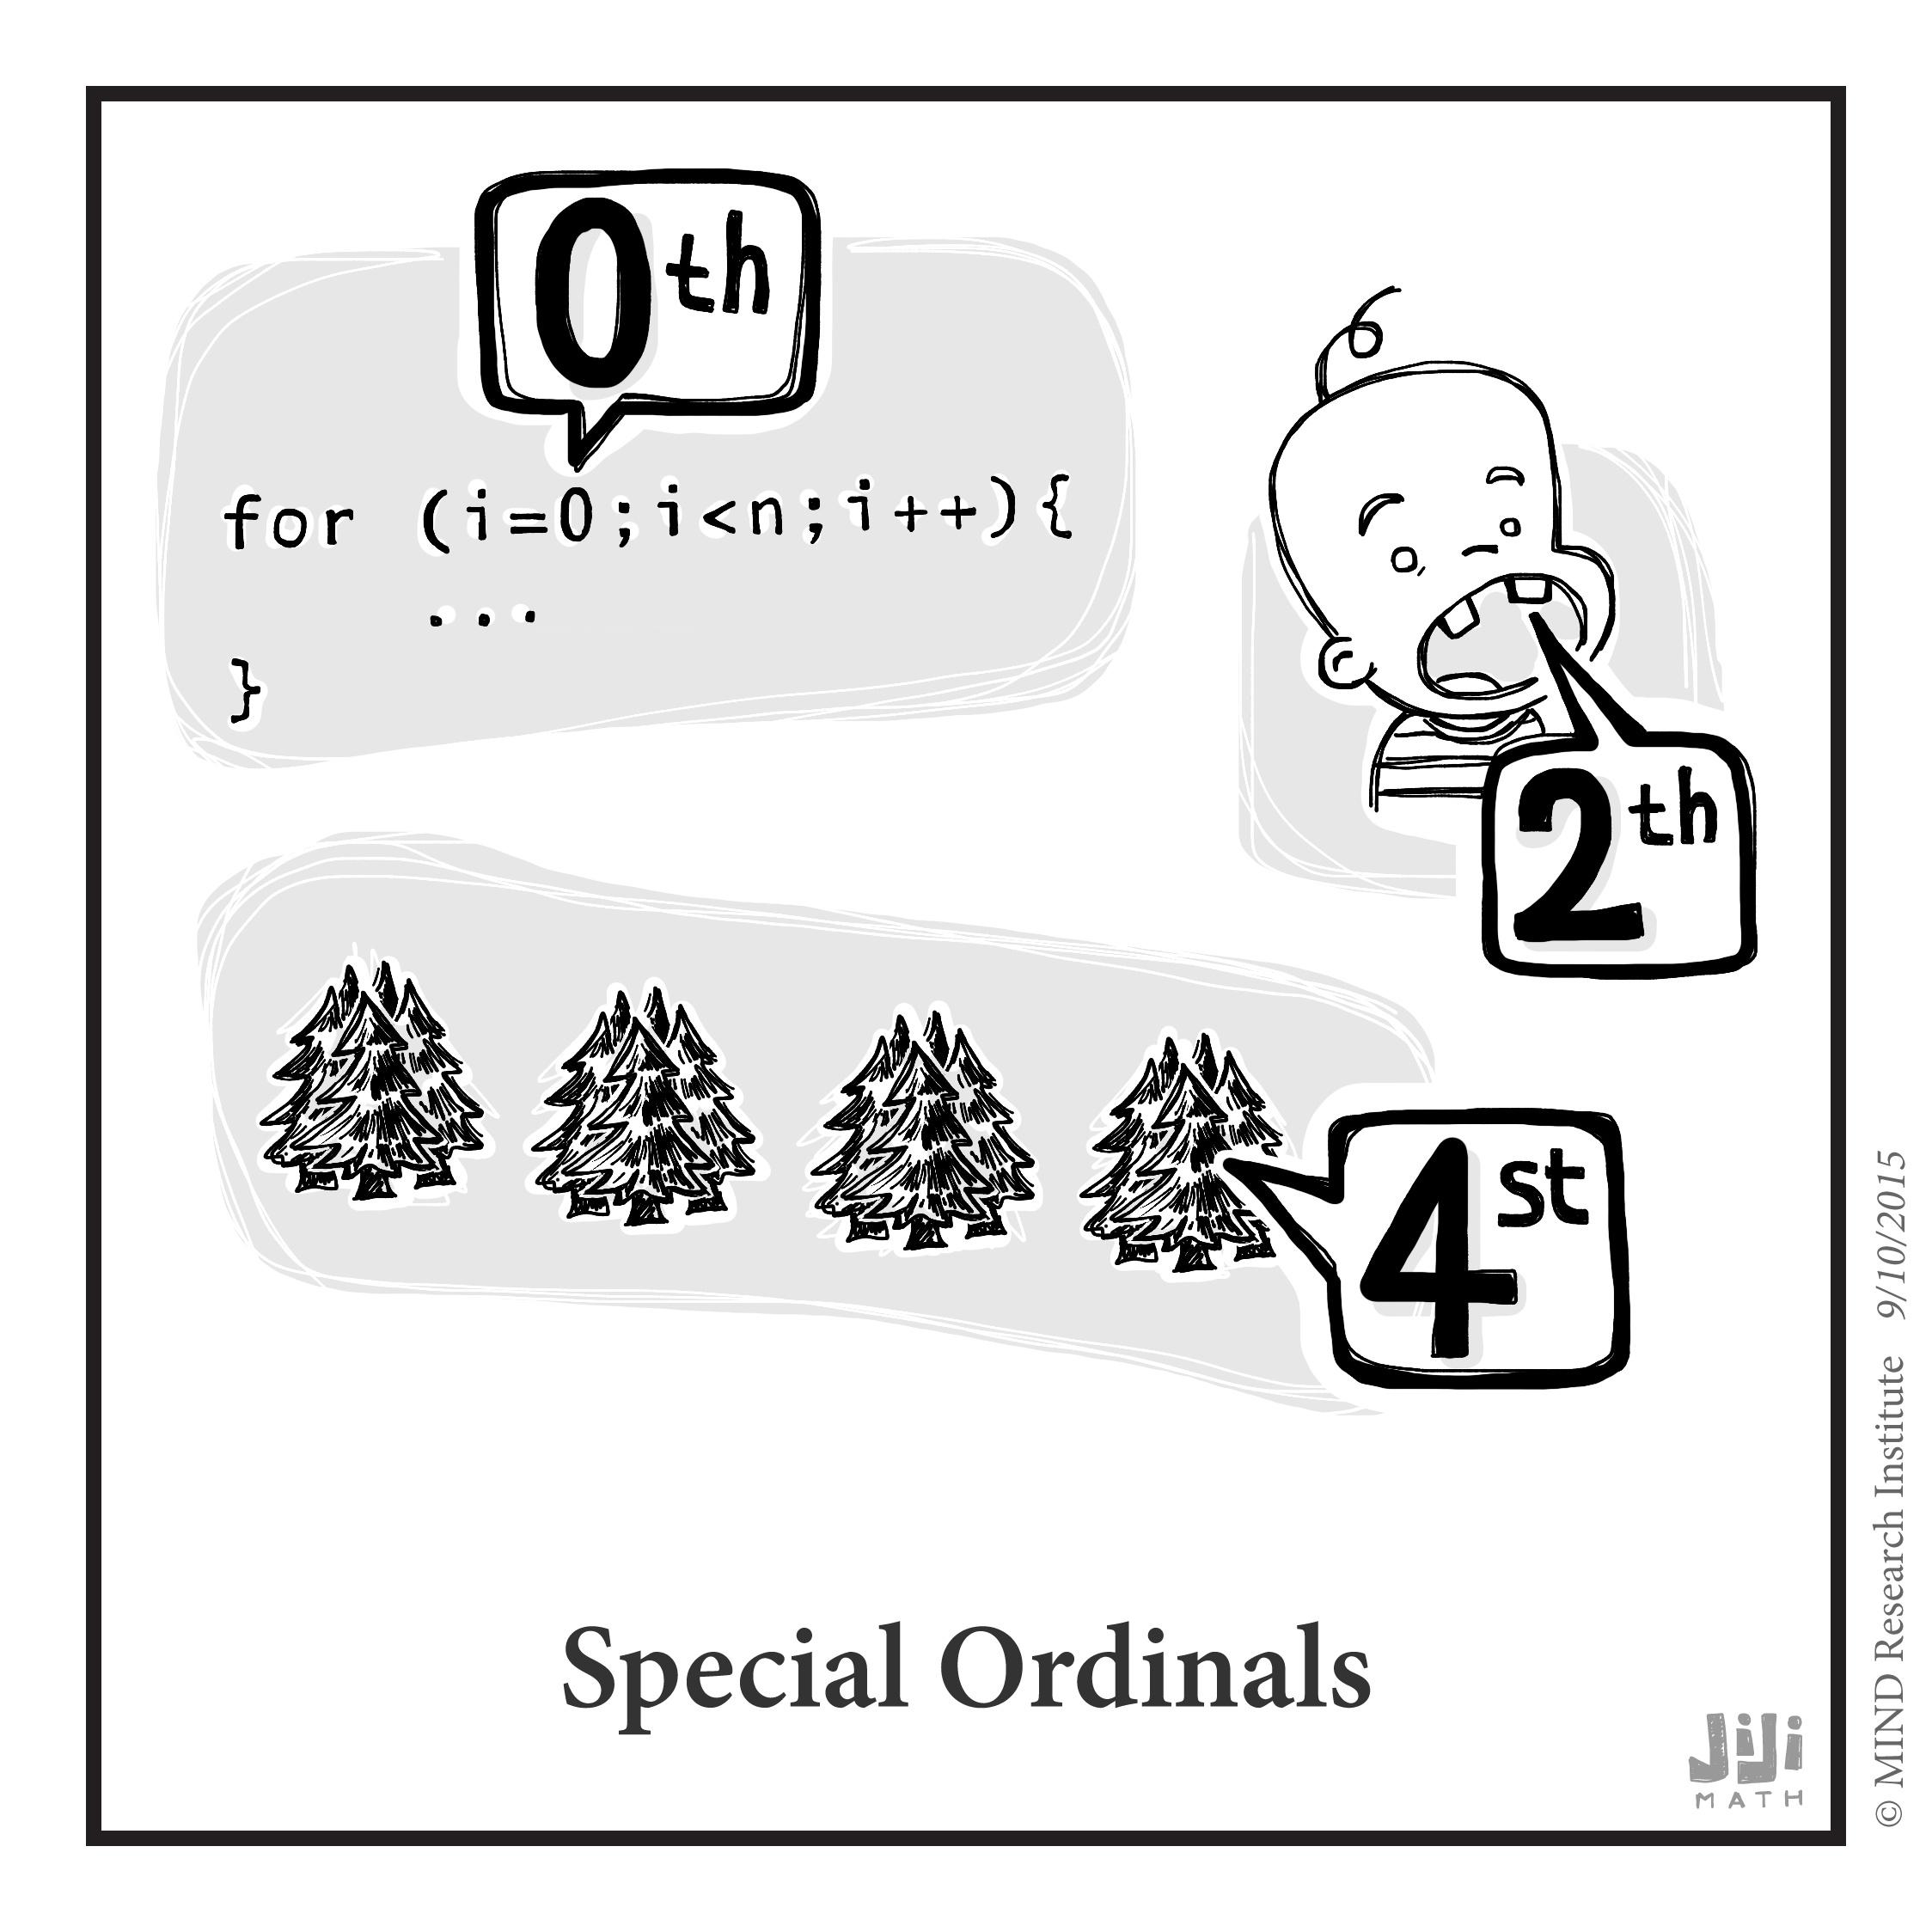 OTNL_SpecialOrdinals_09102015